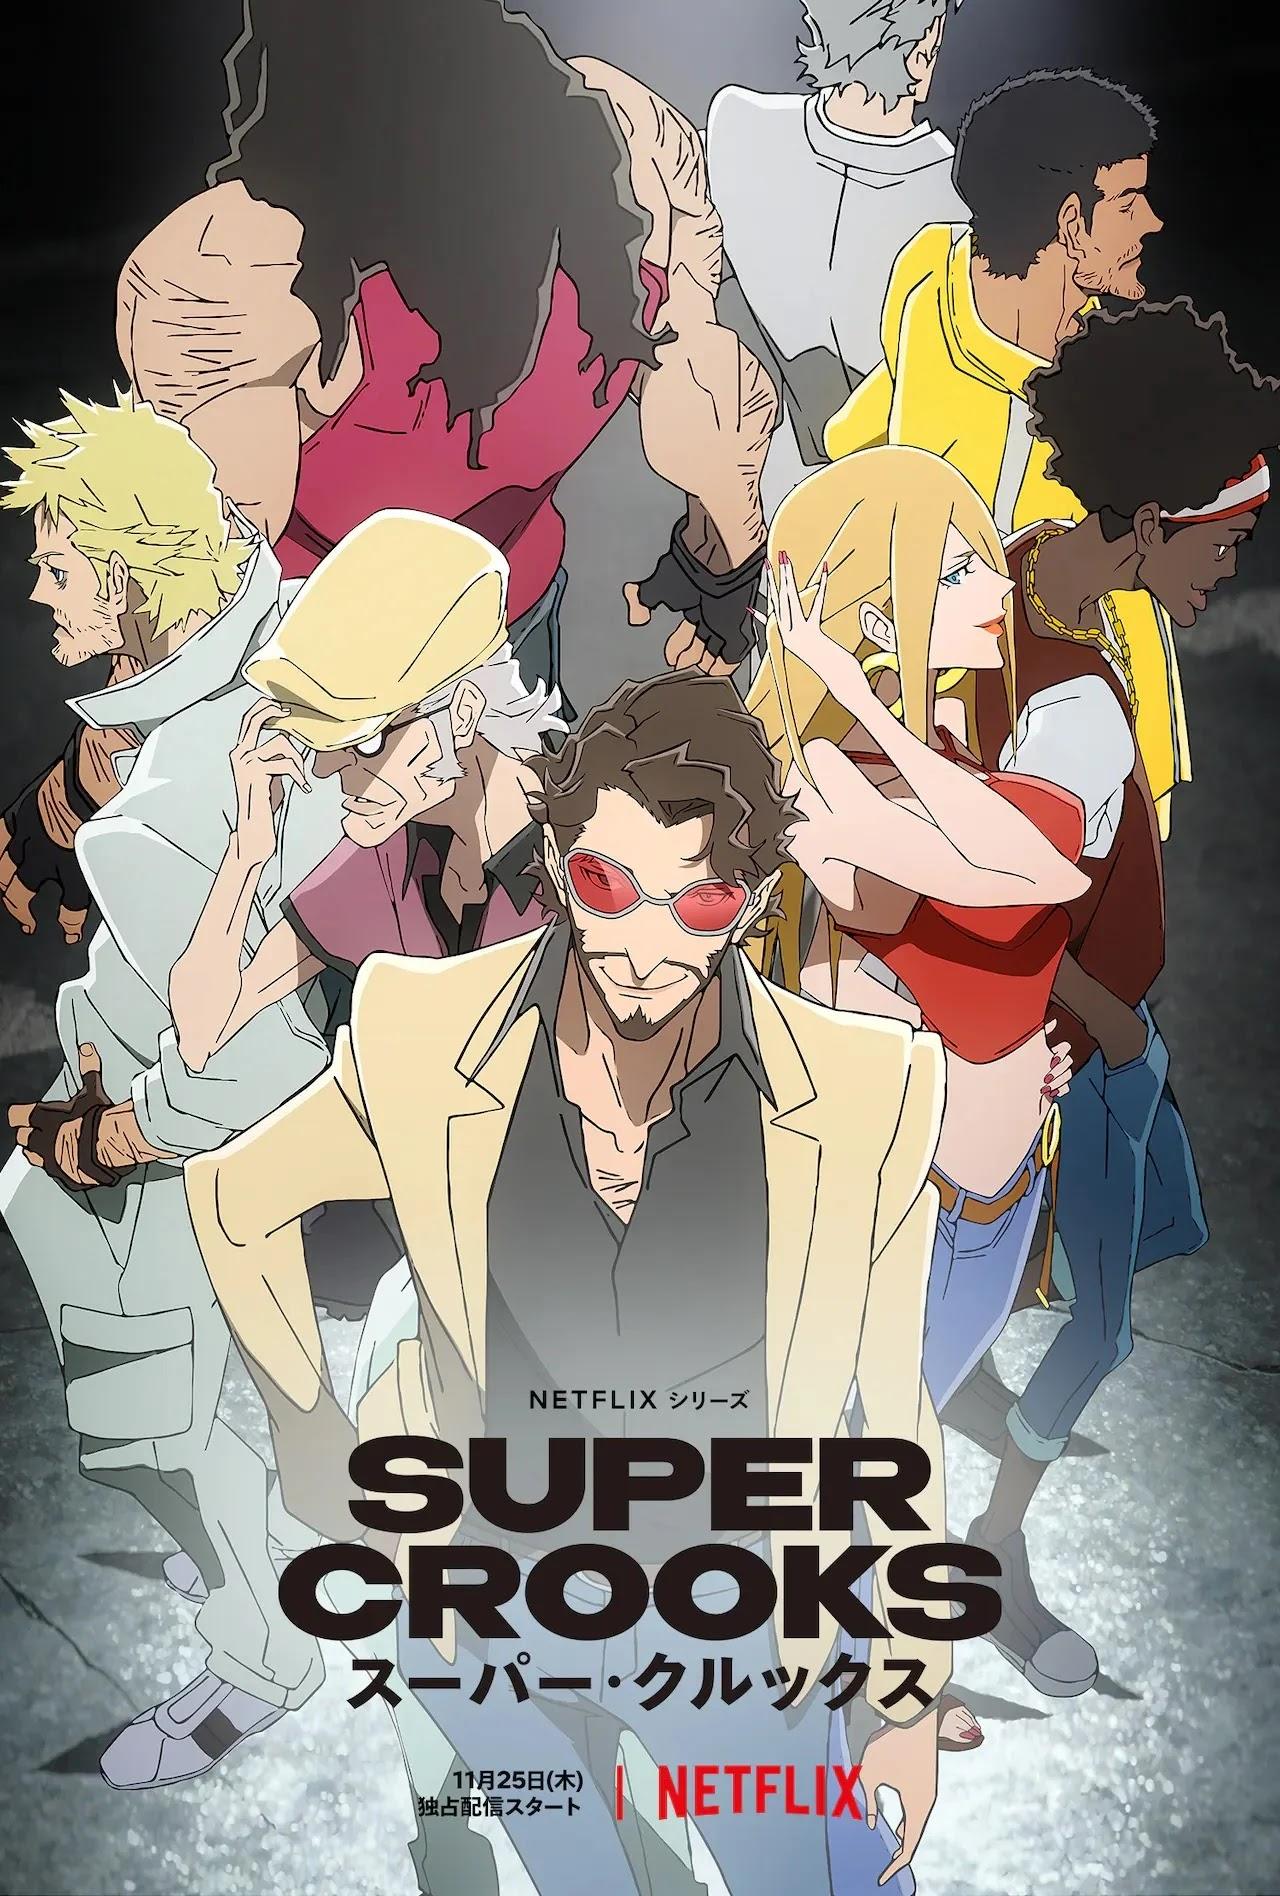 Anime Super Crooks revela seu primeiro vídeo promocional